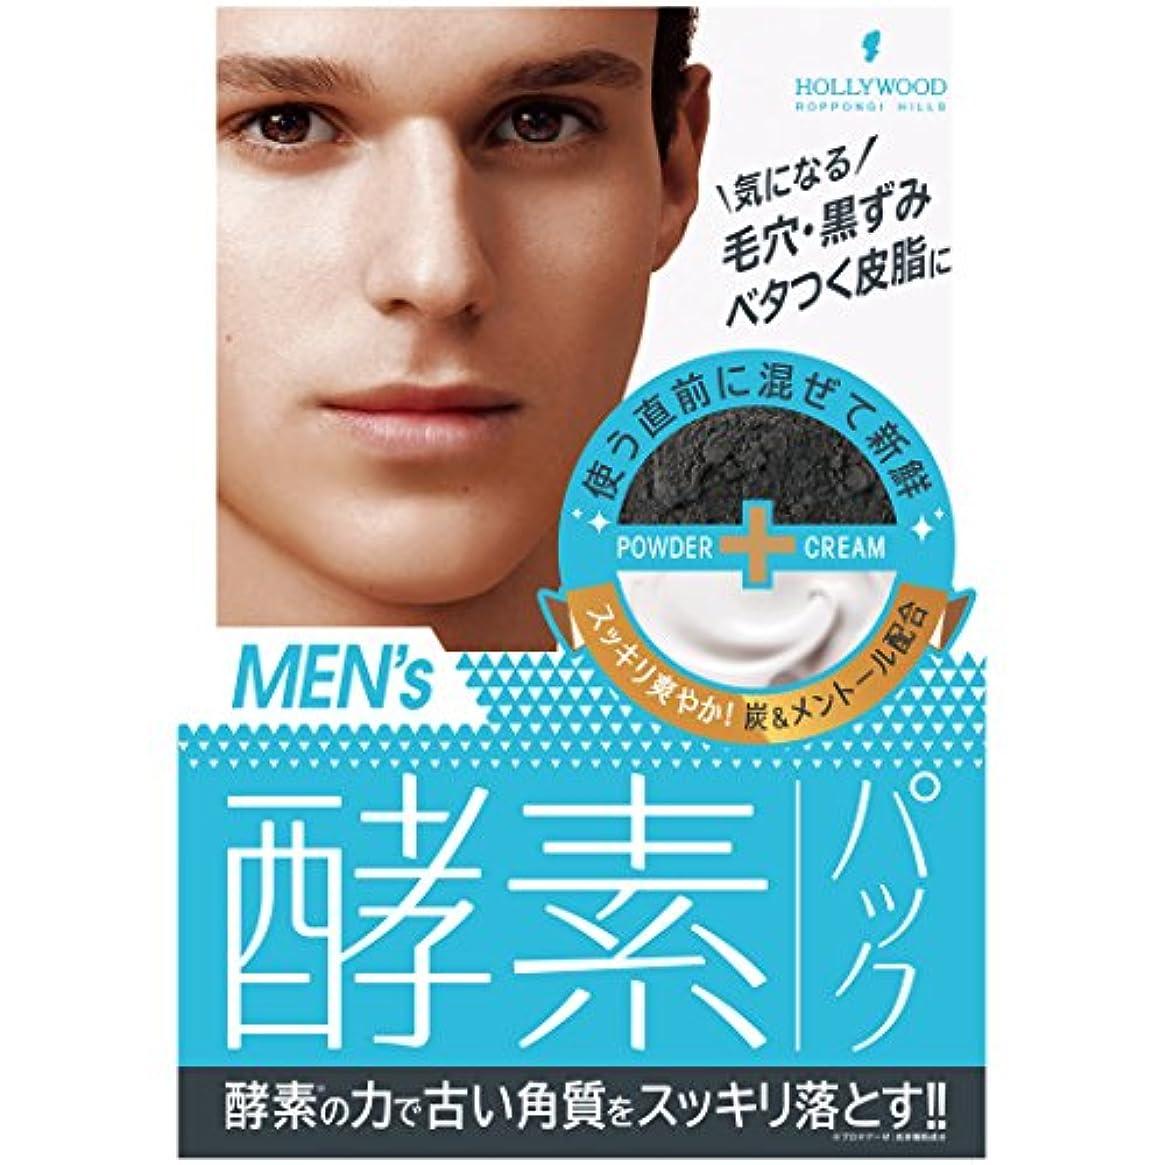 同志具体的に日の出オーキッド ピックアップマスク メンズ (1回分)